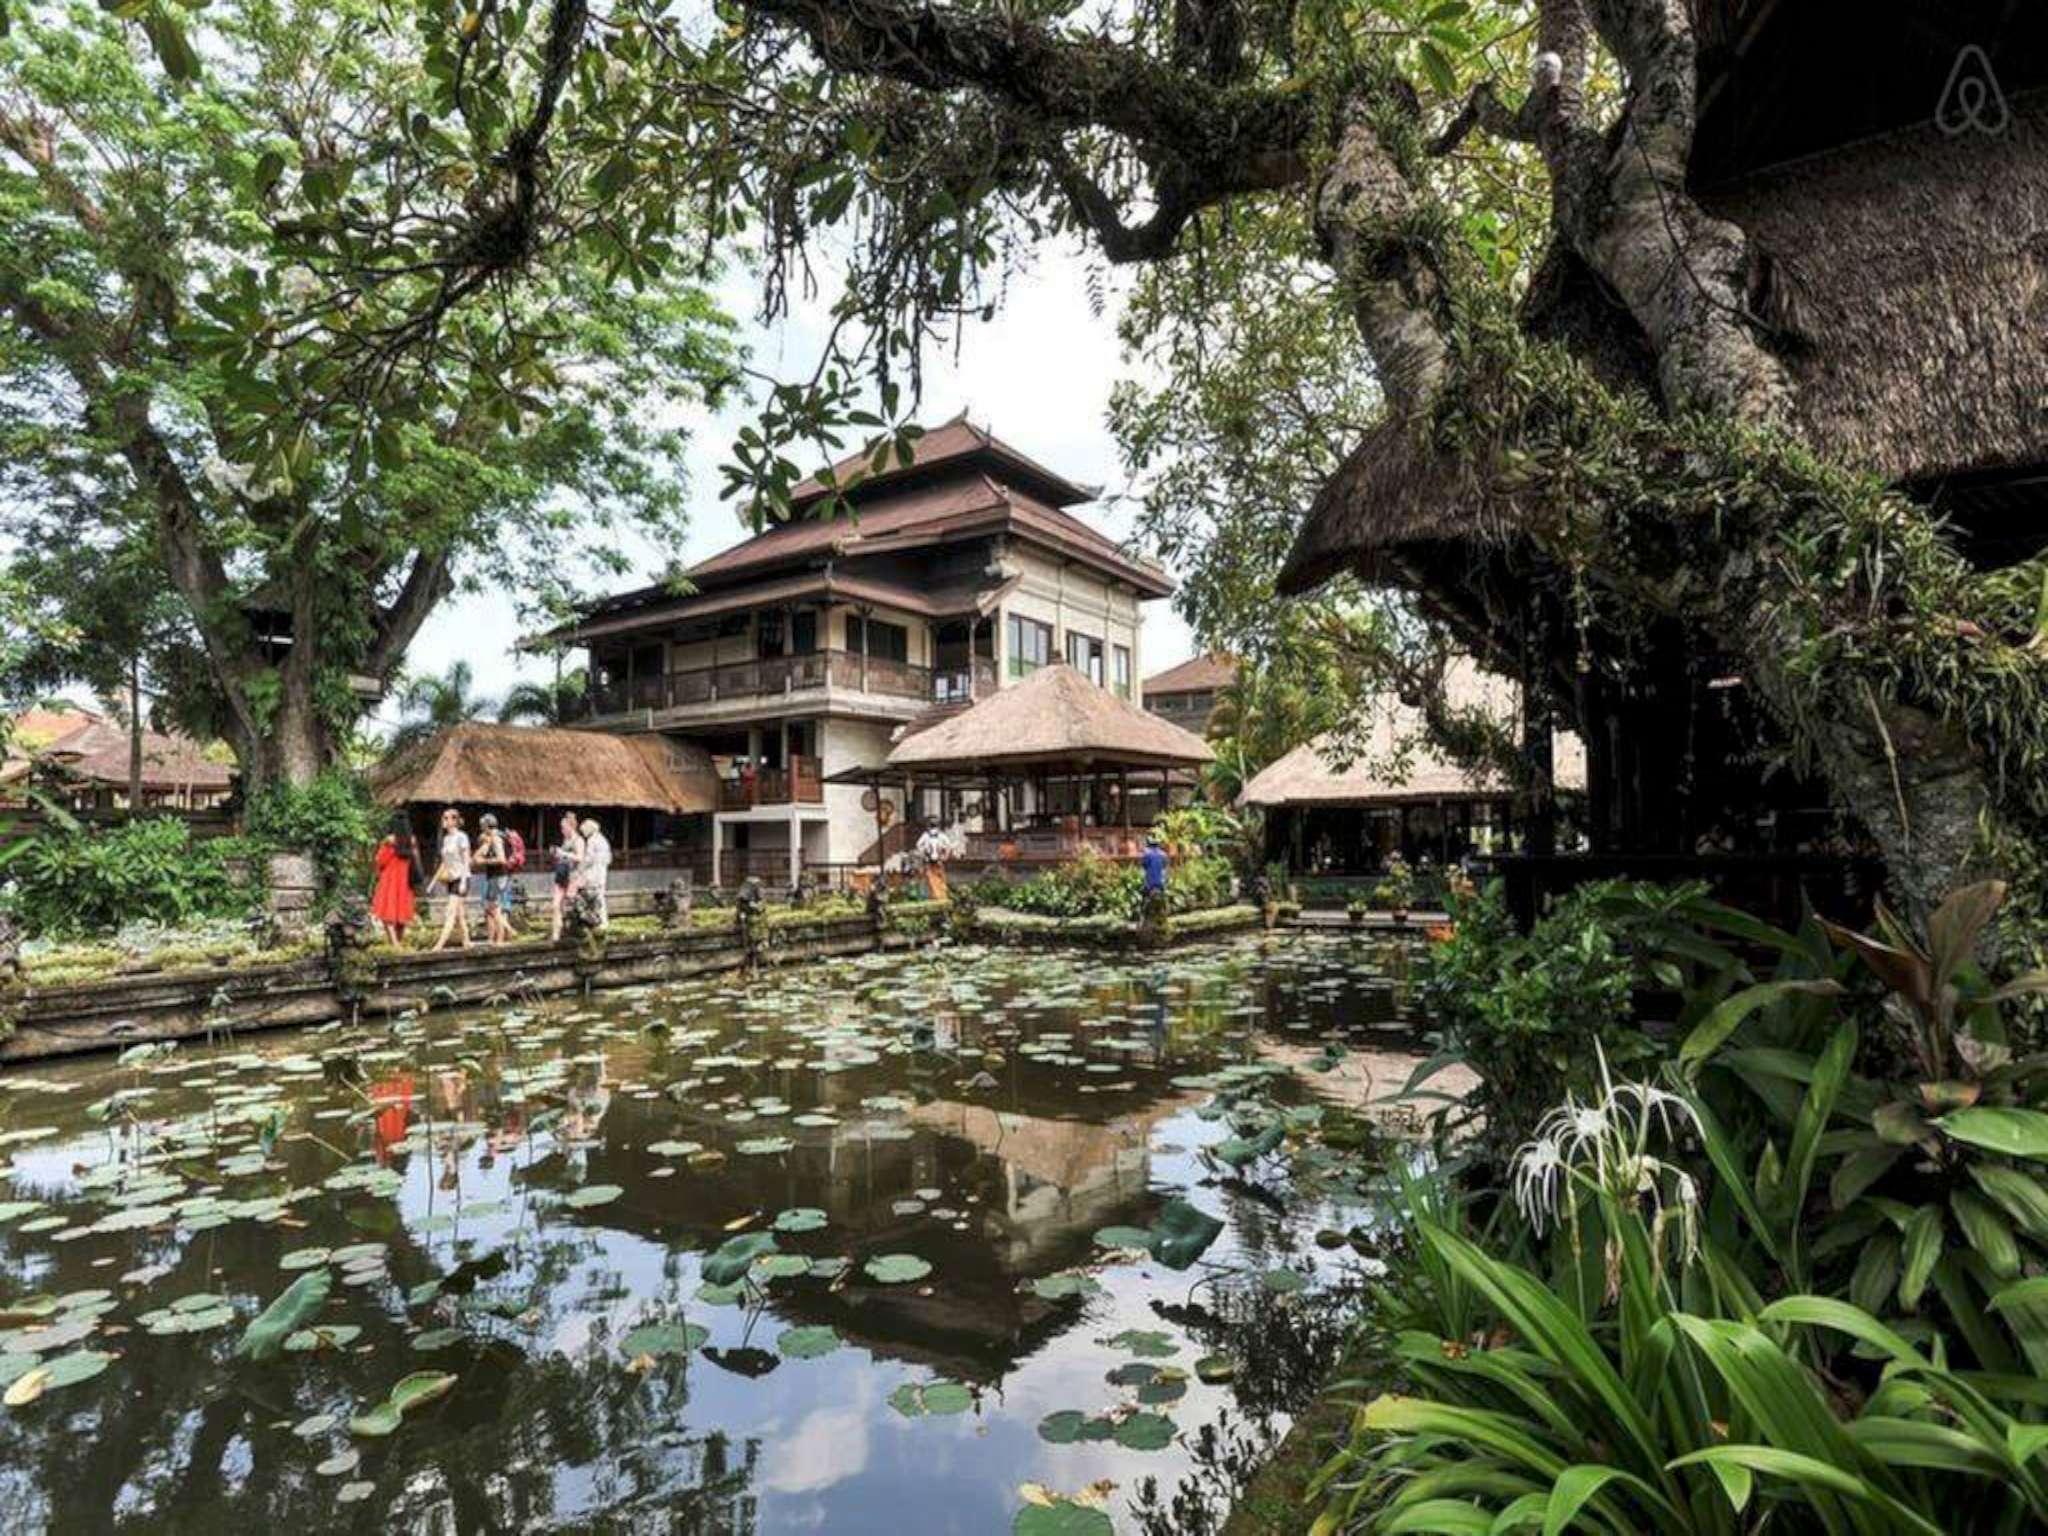 #3 Bungalows at Ubud Royal Palace